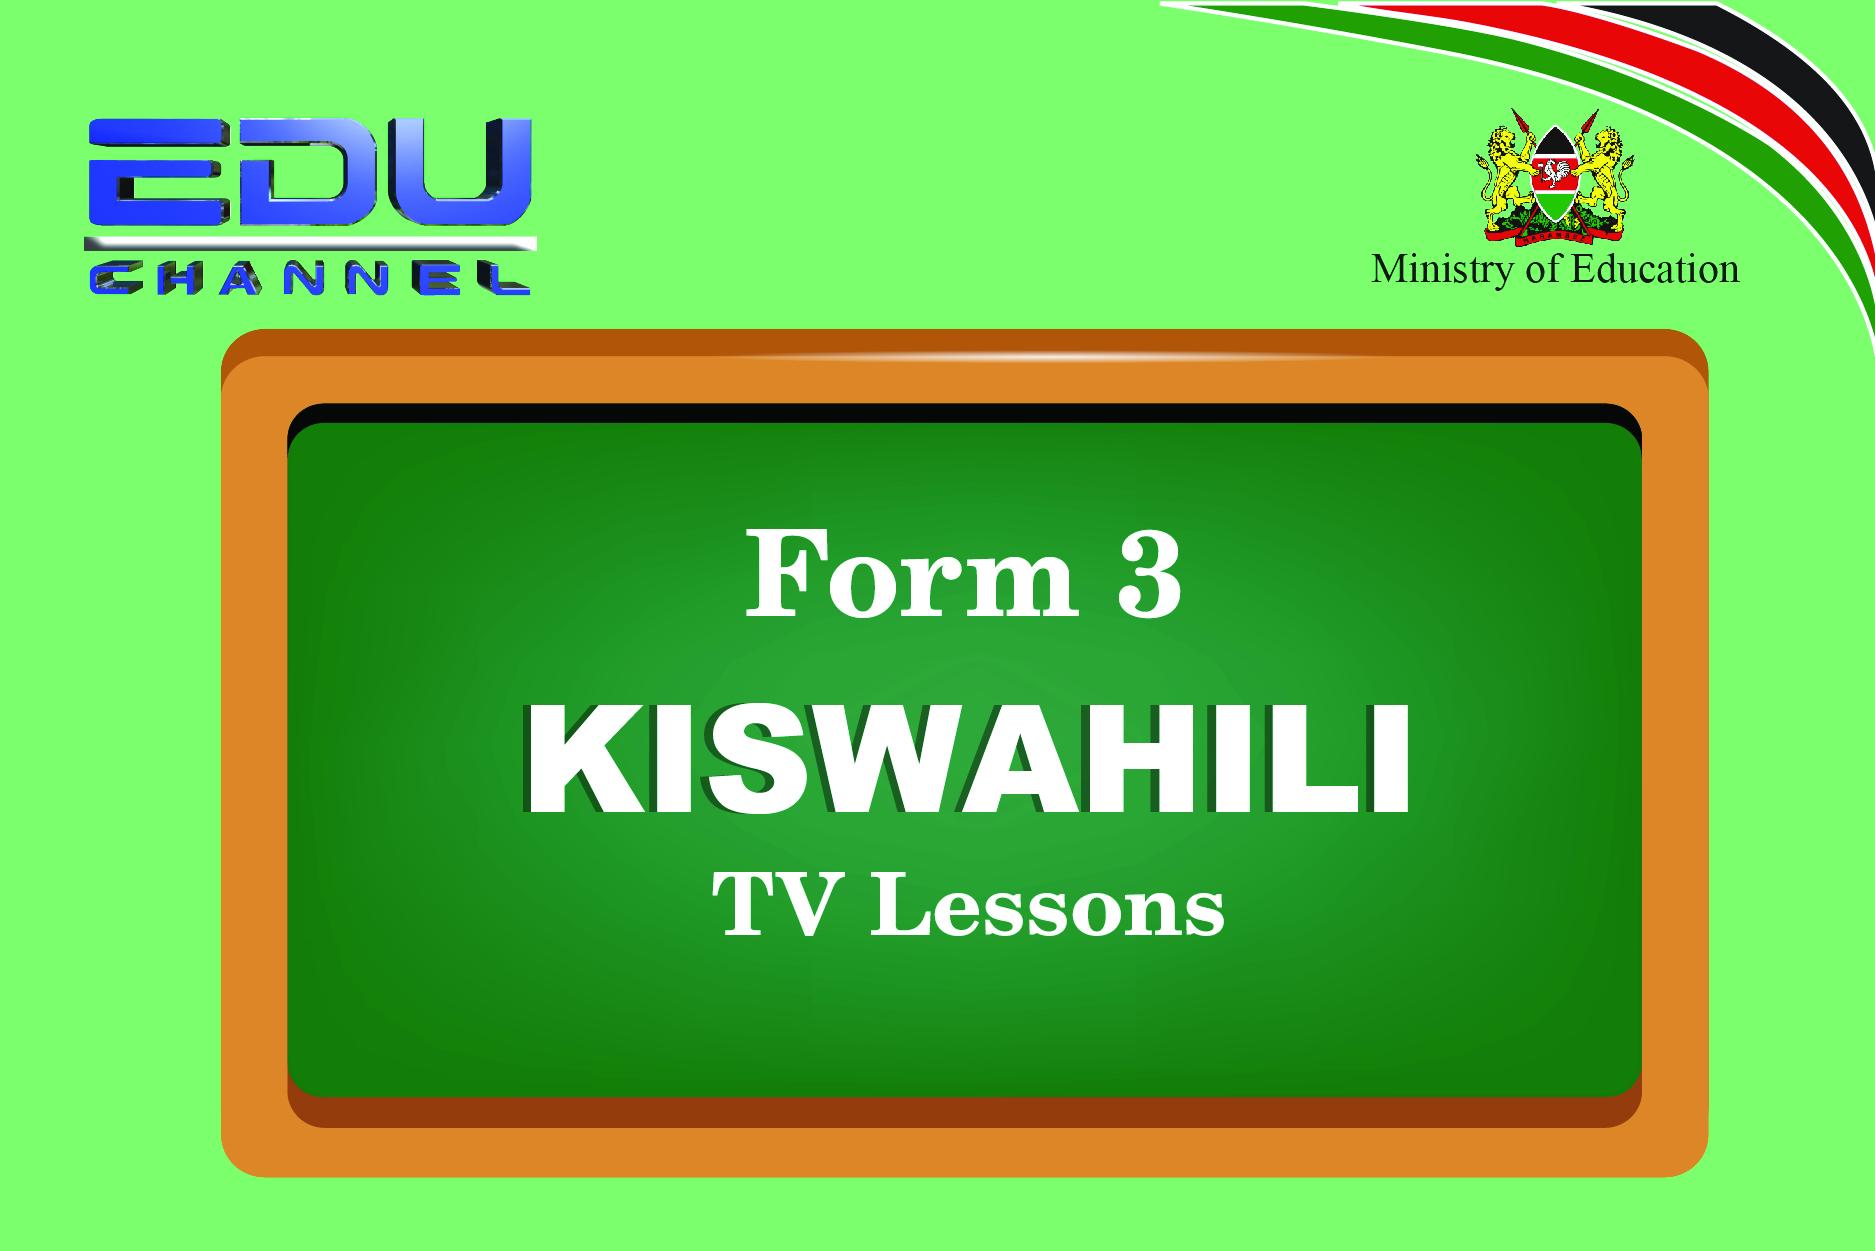 Form 3 Kiswahili Lesson 3: Sajili ya Biashara